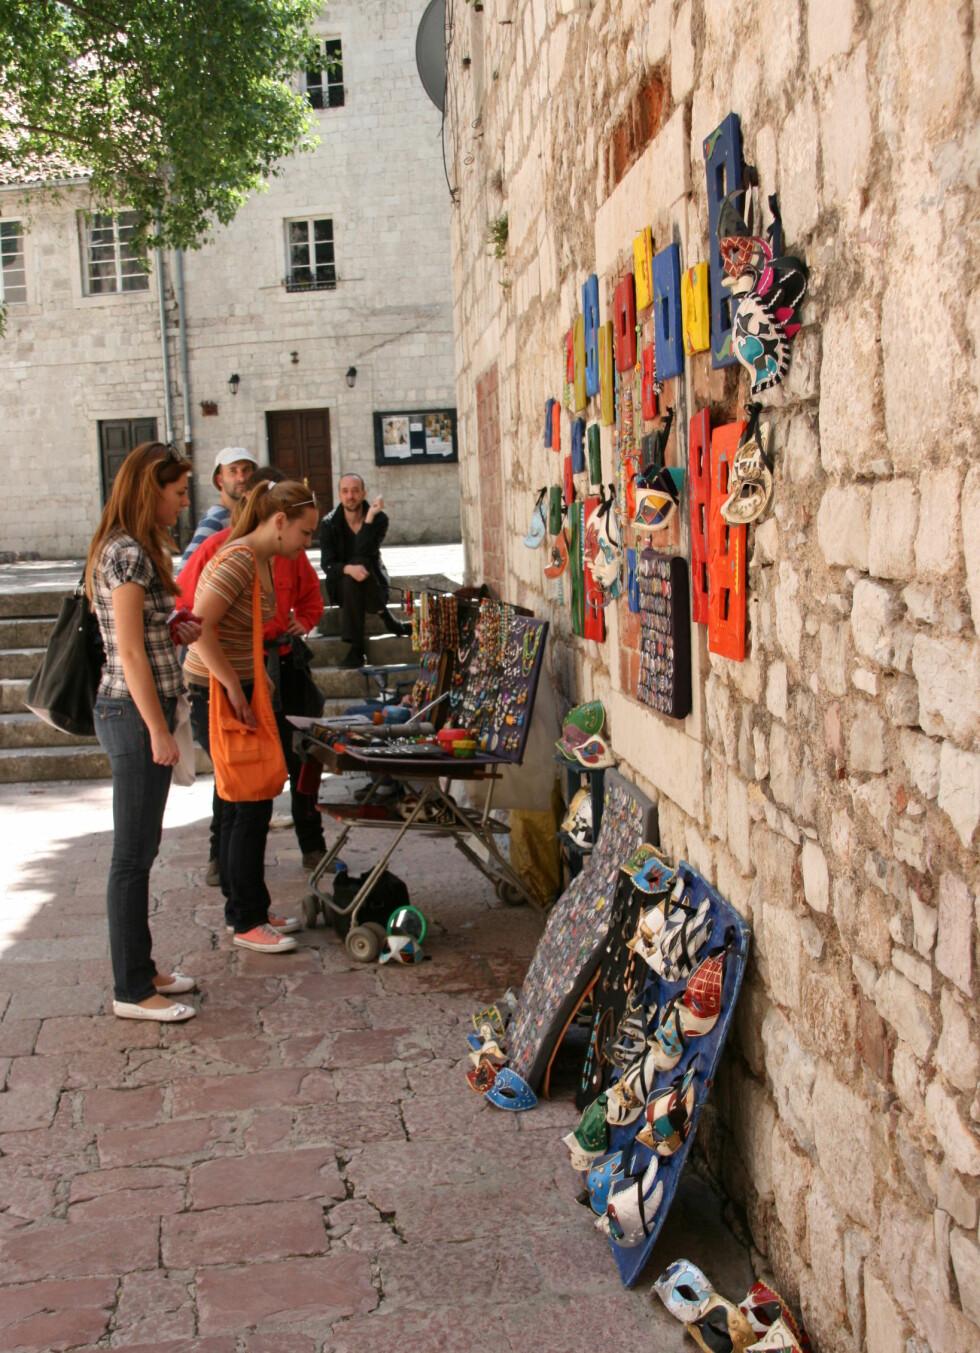 Mye rart å kjøpe hos gateselgerne i Kotors gamleby. Foto: Stine Okkelmo